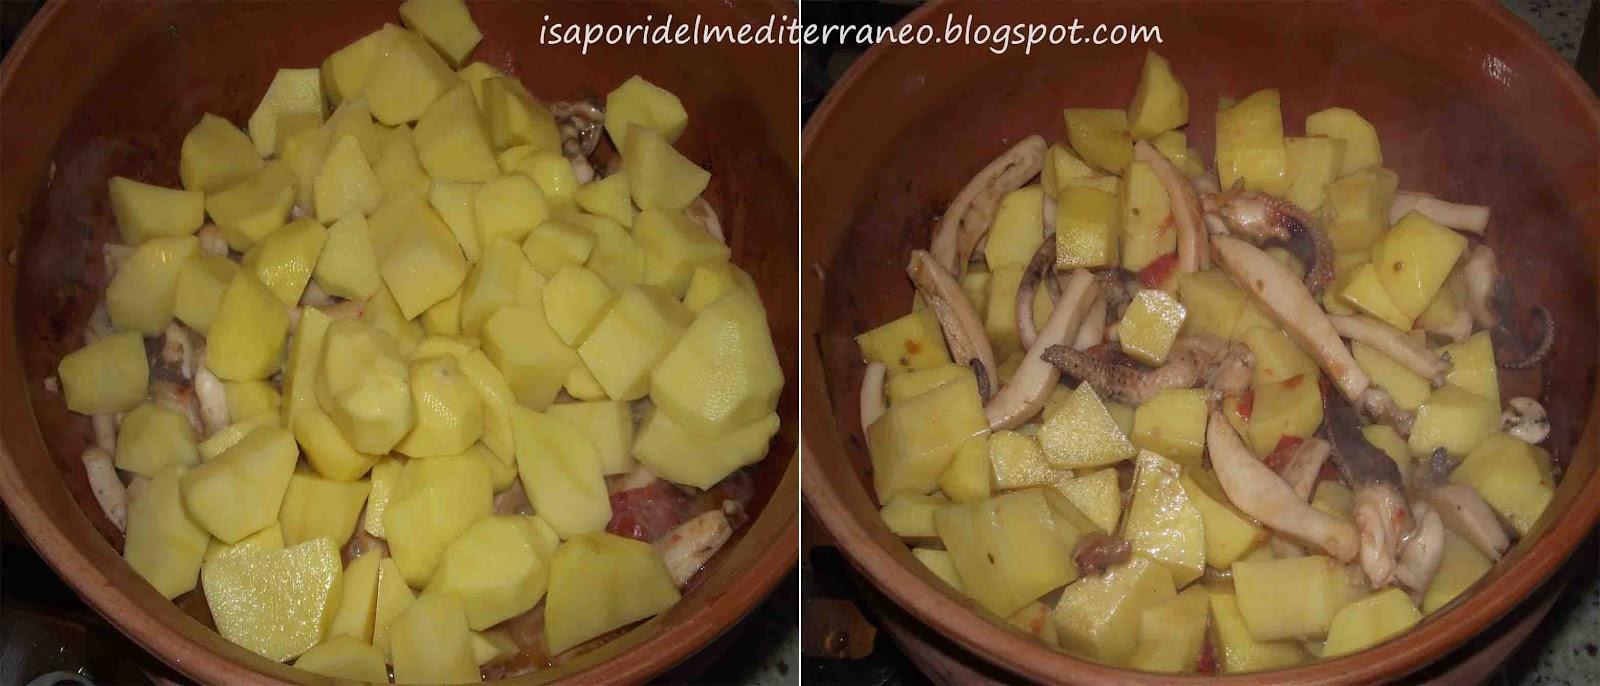 Seppie e Patate.   i sapori del mediterraneo